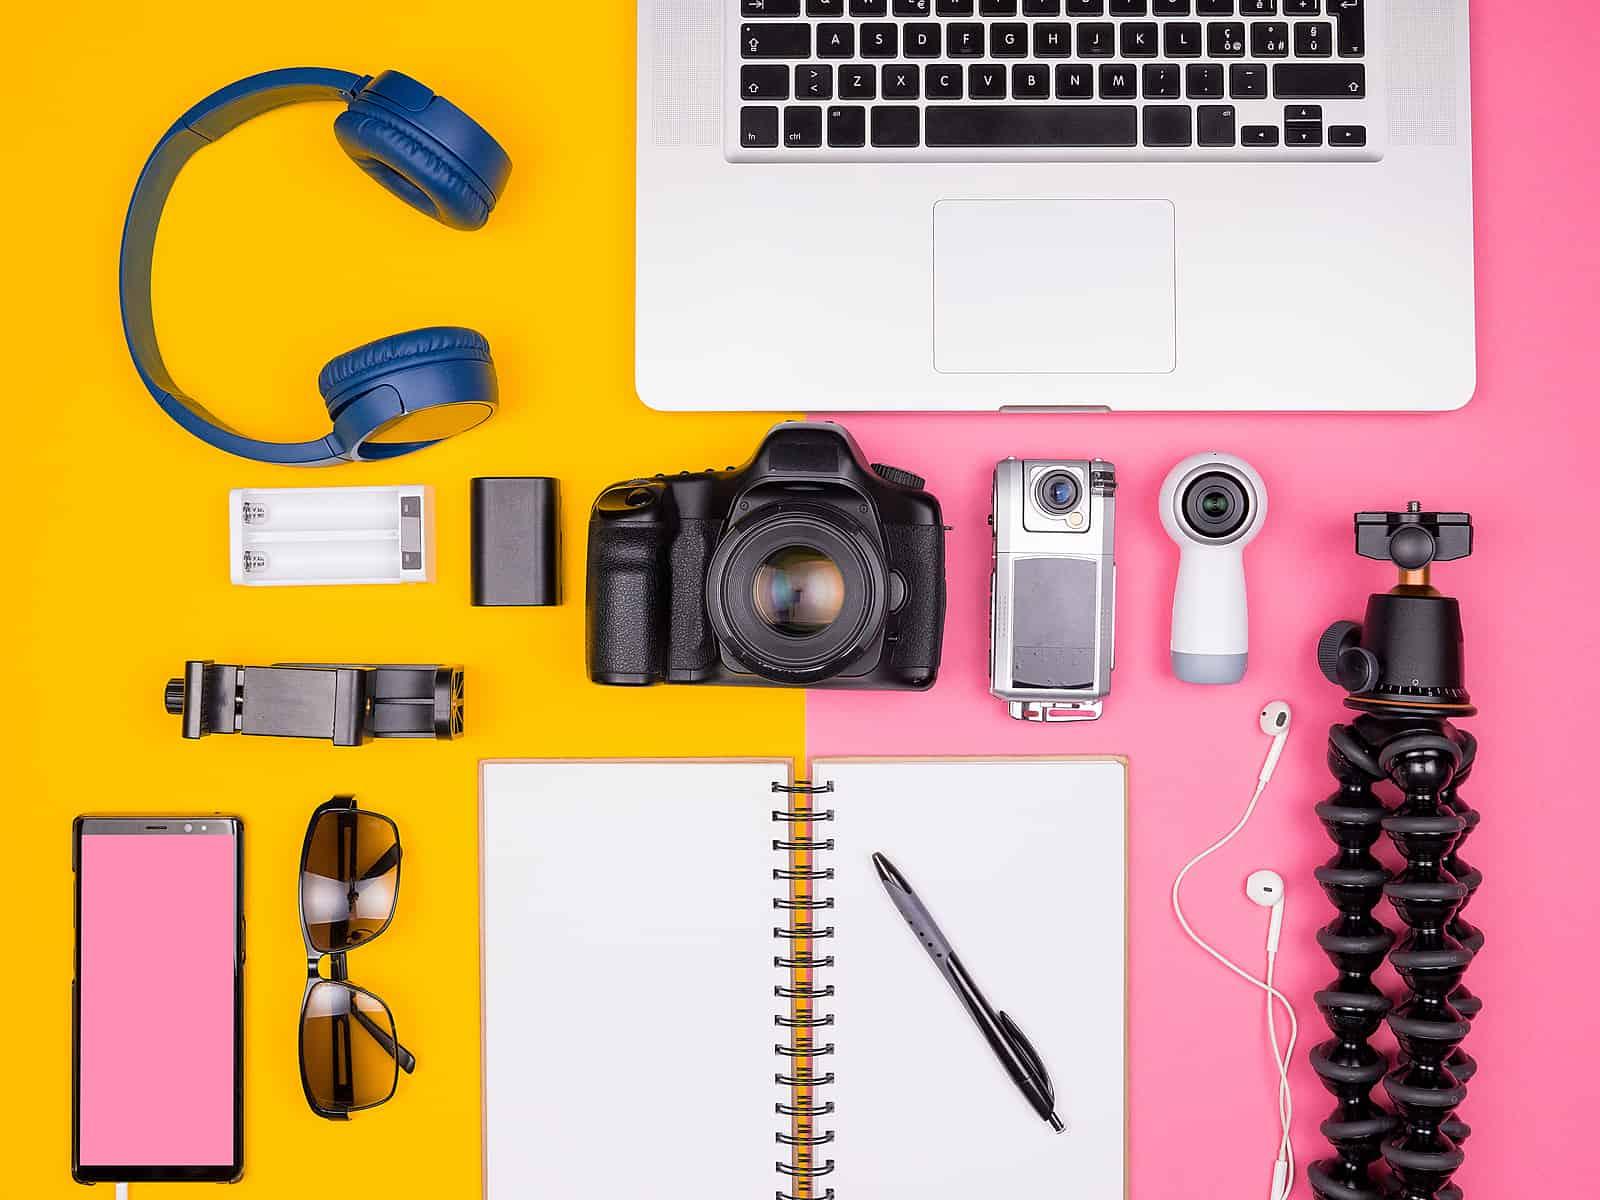 ¿Cómo utilizar el marketing de contenidos y crear artículos de turismo y viajes?